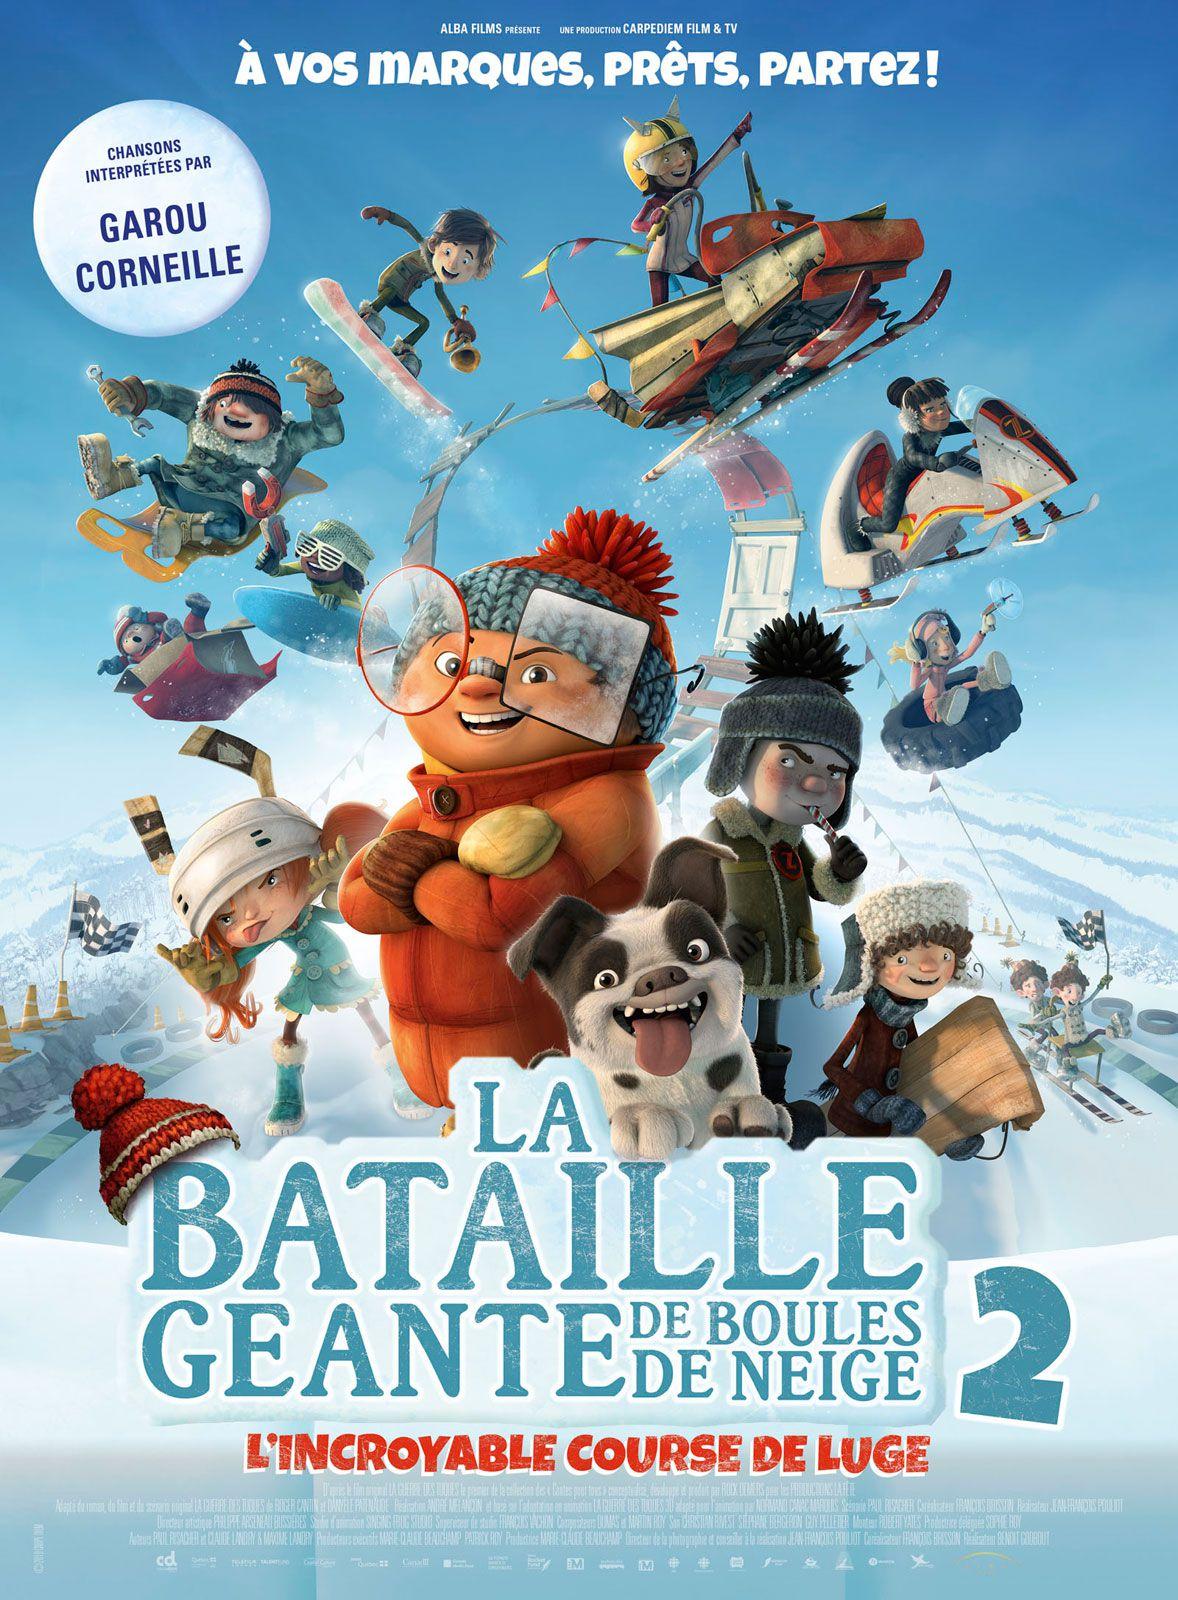 La Bataille géante de boules de neige 2 : L'Incroyable Course de luge - Film (2020)